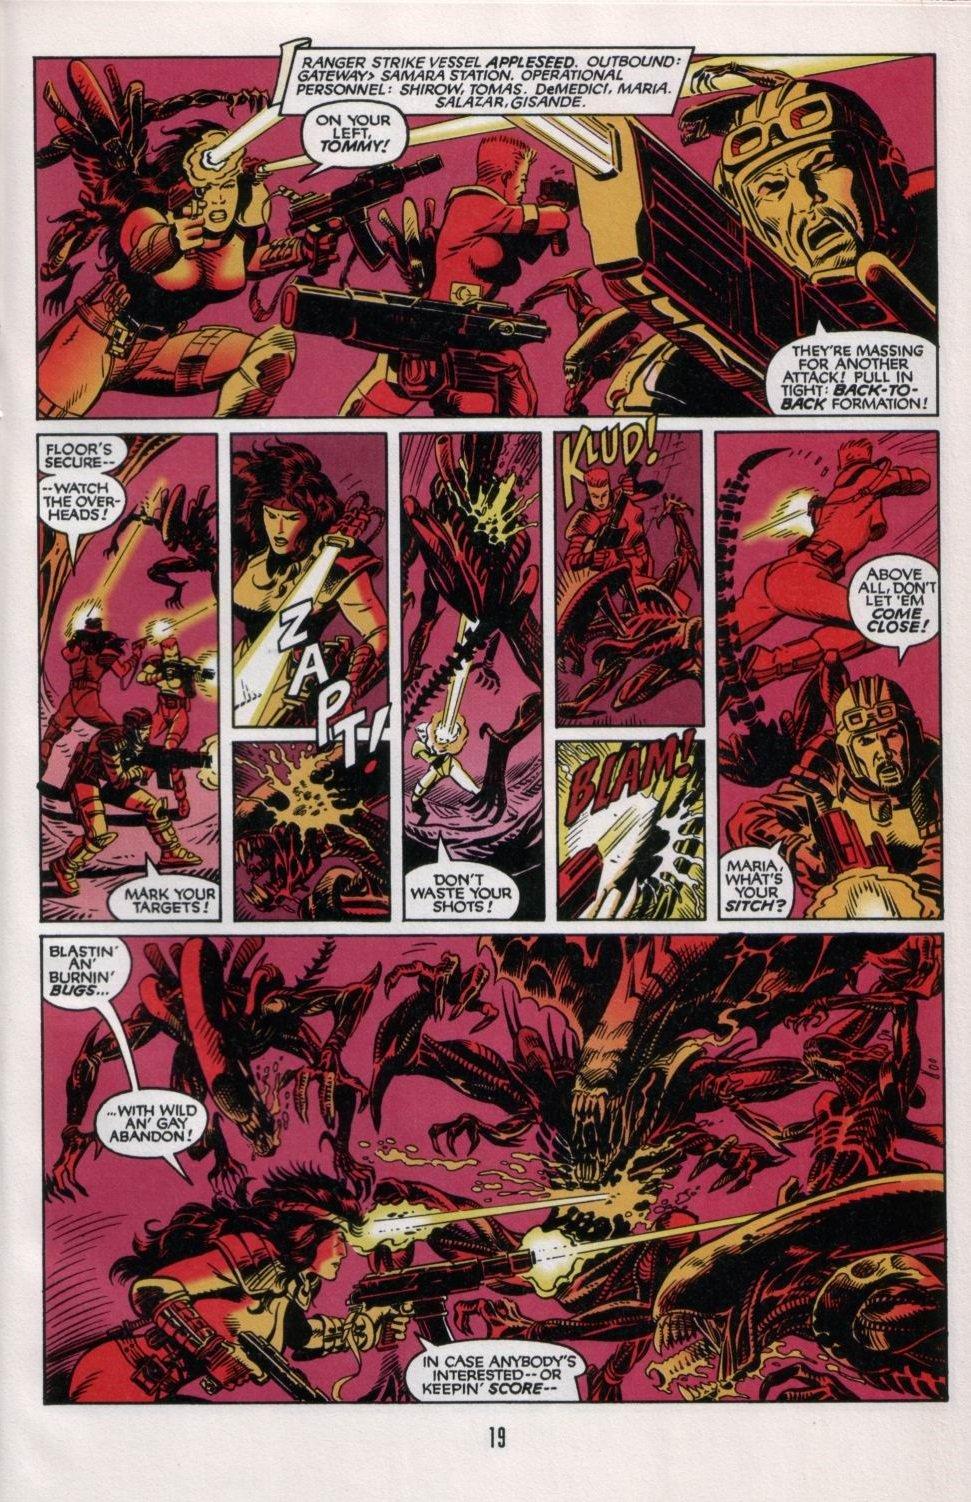 Бэтмен против Чужого?! Безумные комикс-кроссоверы сксеноморфами. - Изображение 7